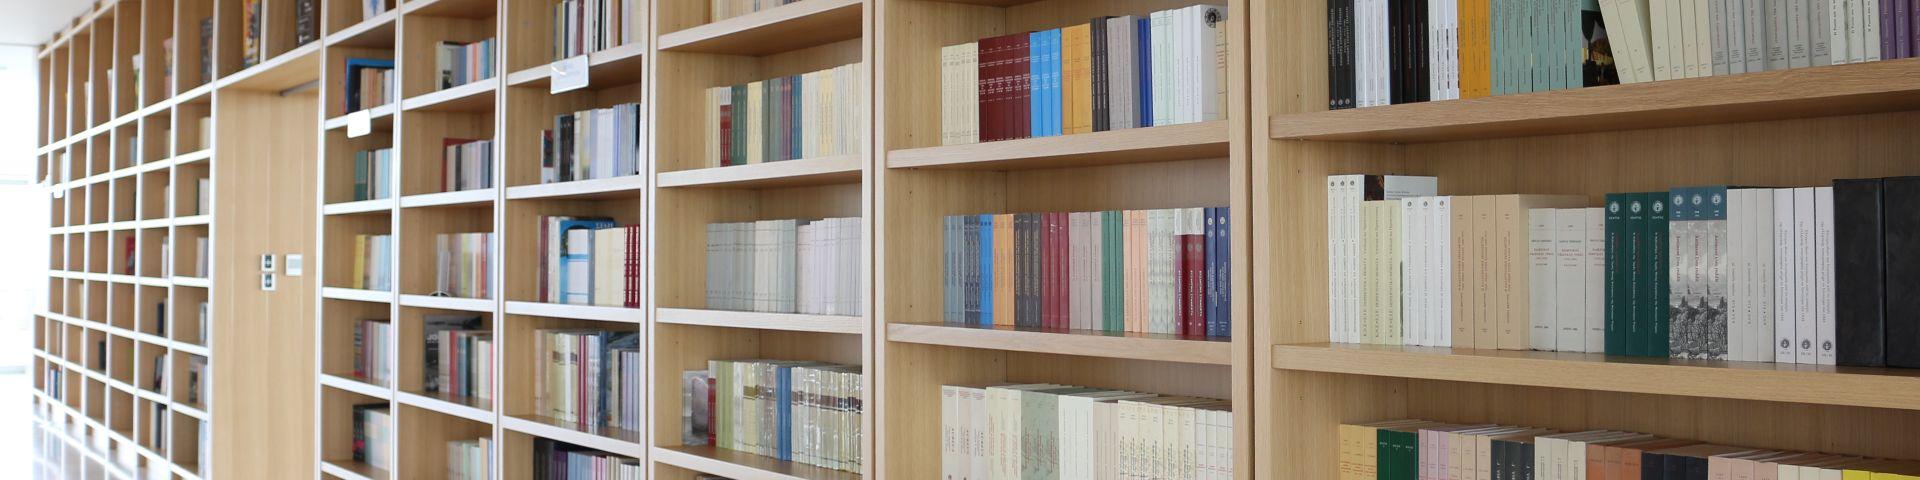 Φωτογραφία από μια πλούσια συλλογή βιβλίων στο αναγνωστήριο του Φάρου